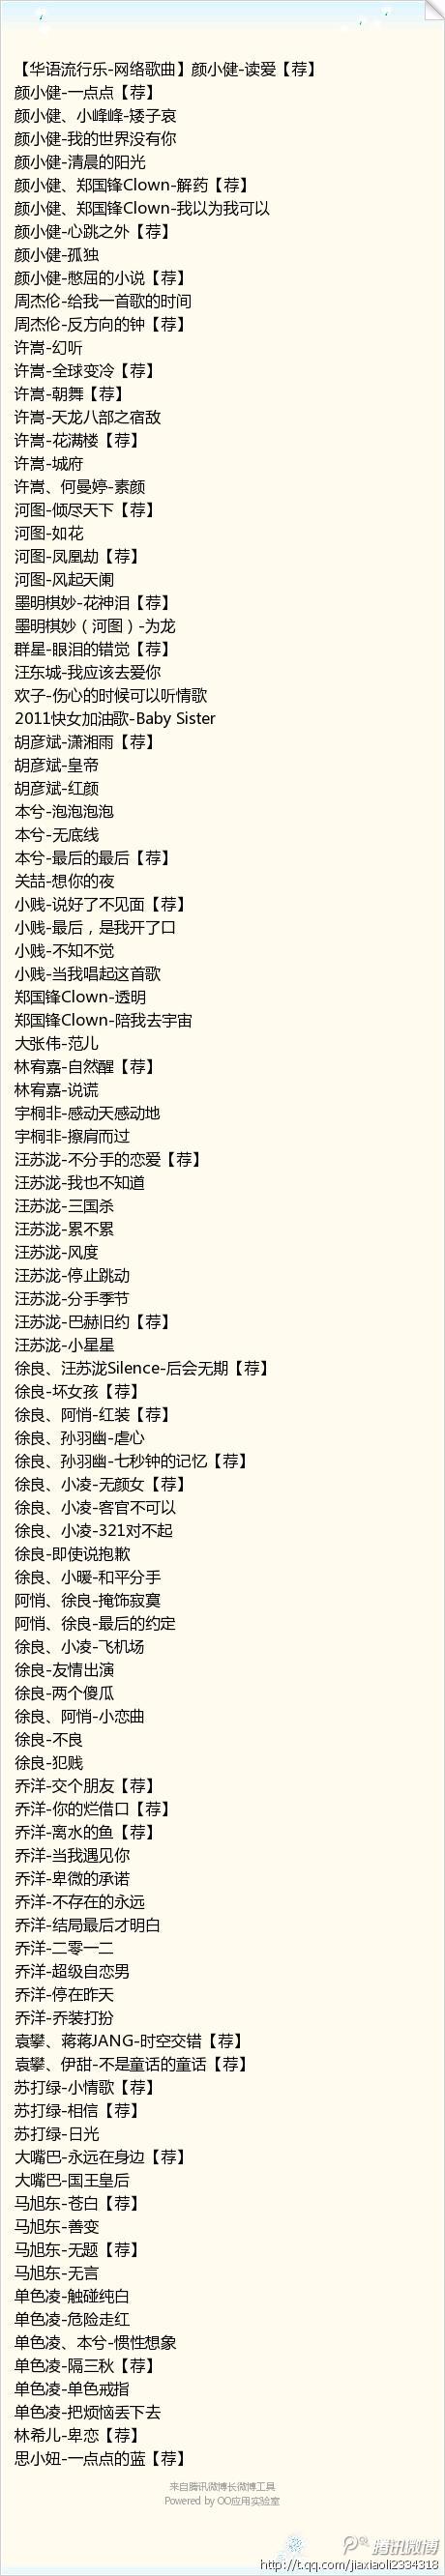 不字书-阿悄(MP3歌词/LRC歌词) lrc歌词下载 第2张